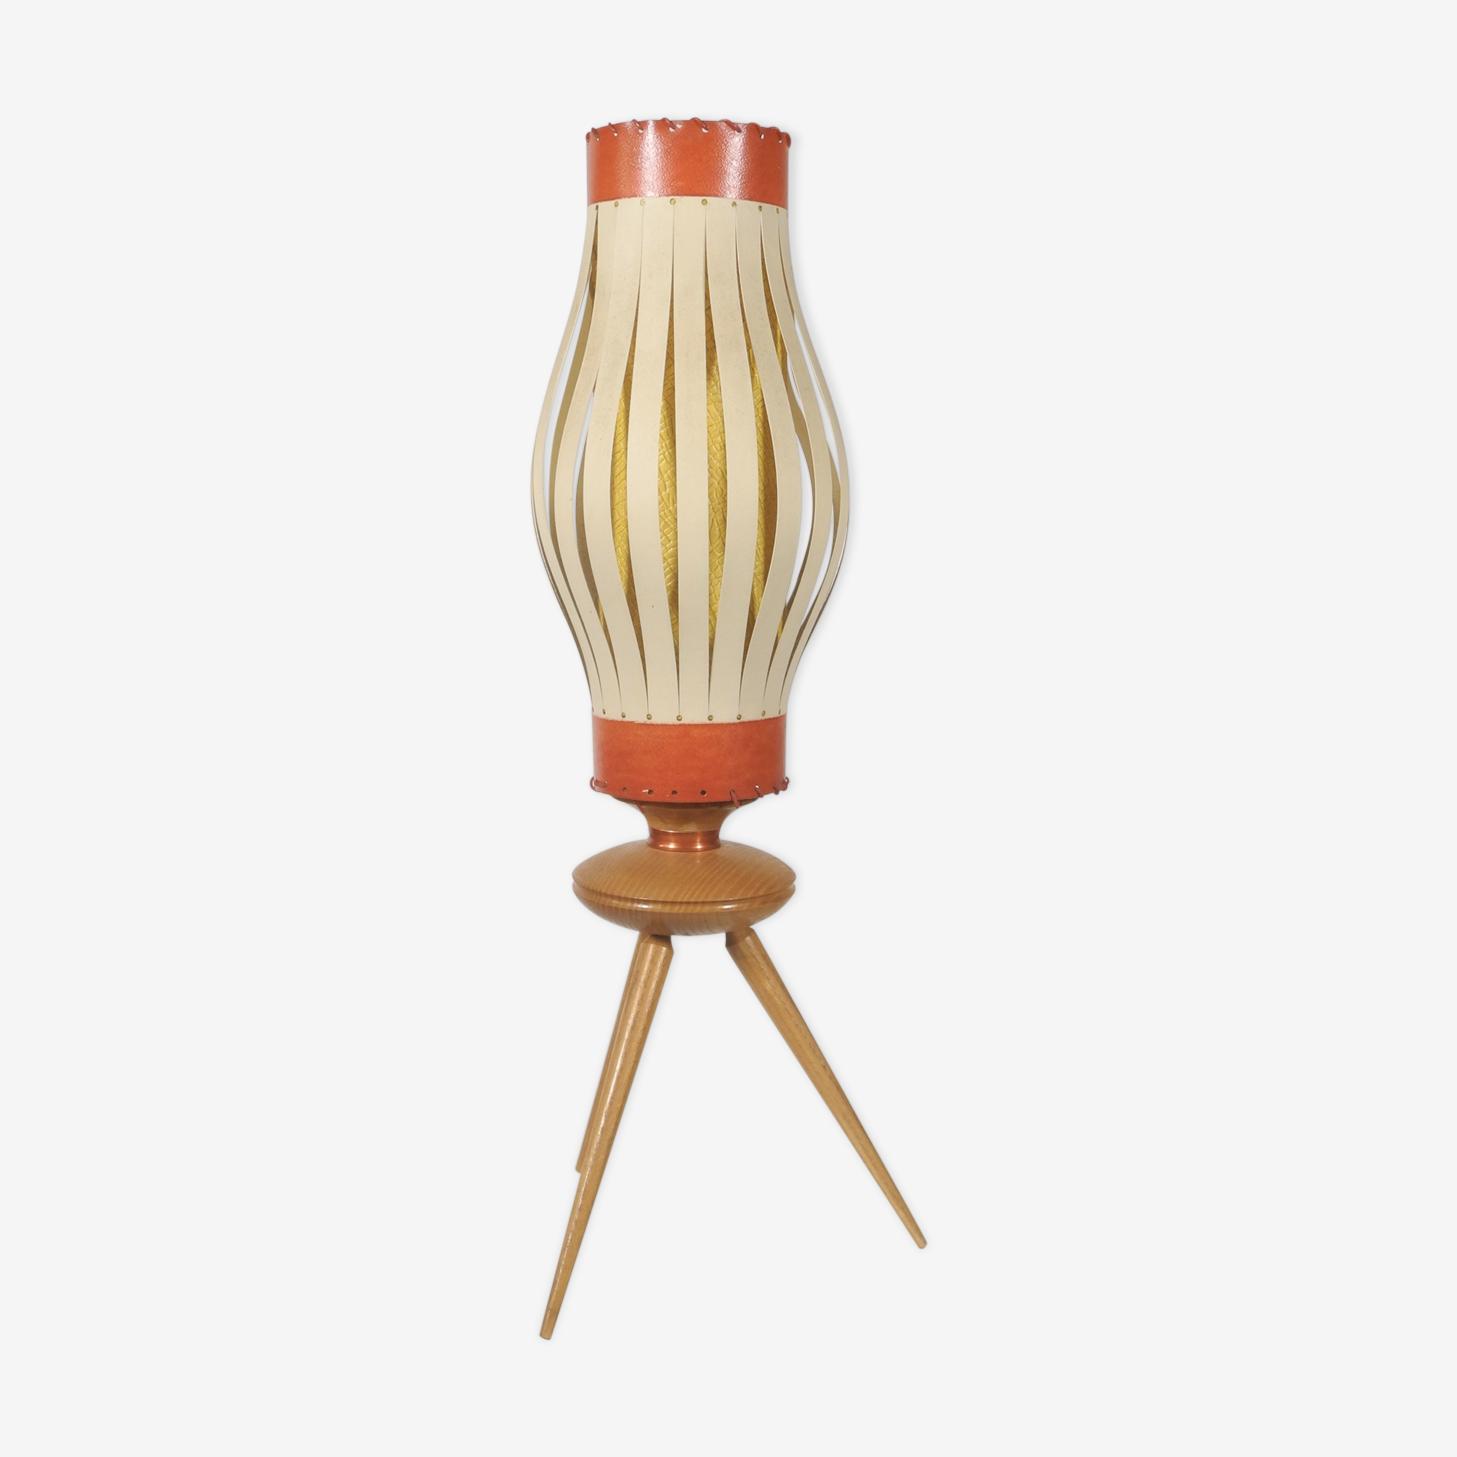 Lampe de table tripode, France 1950